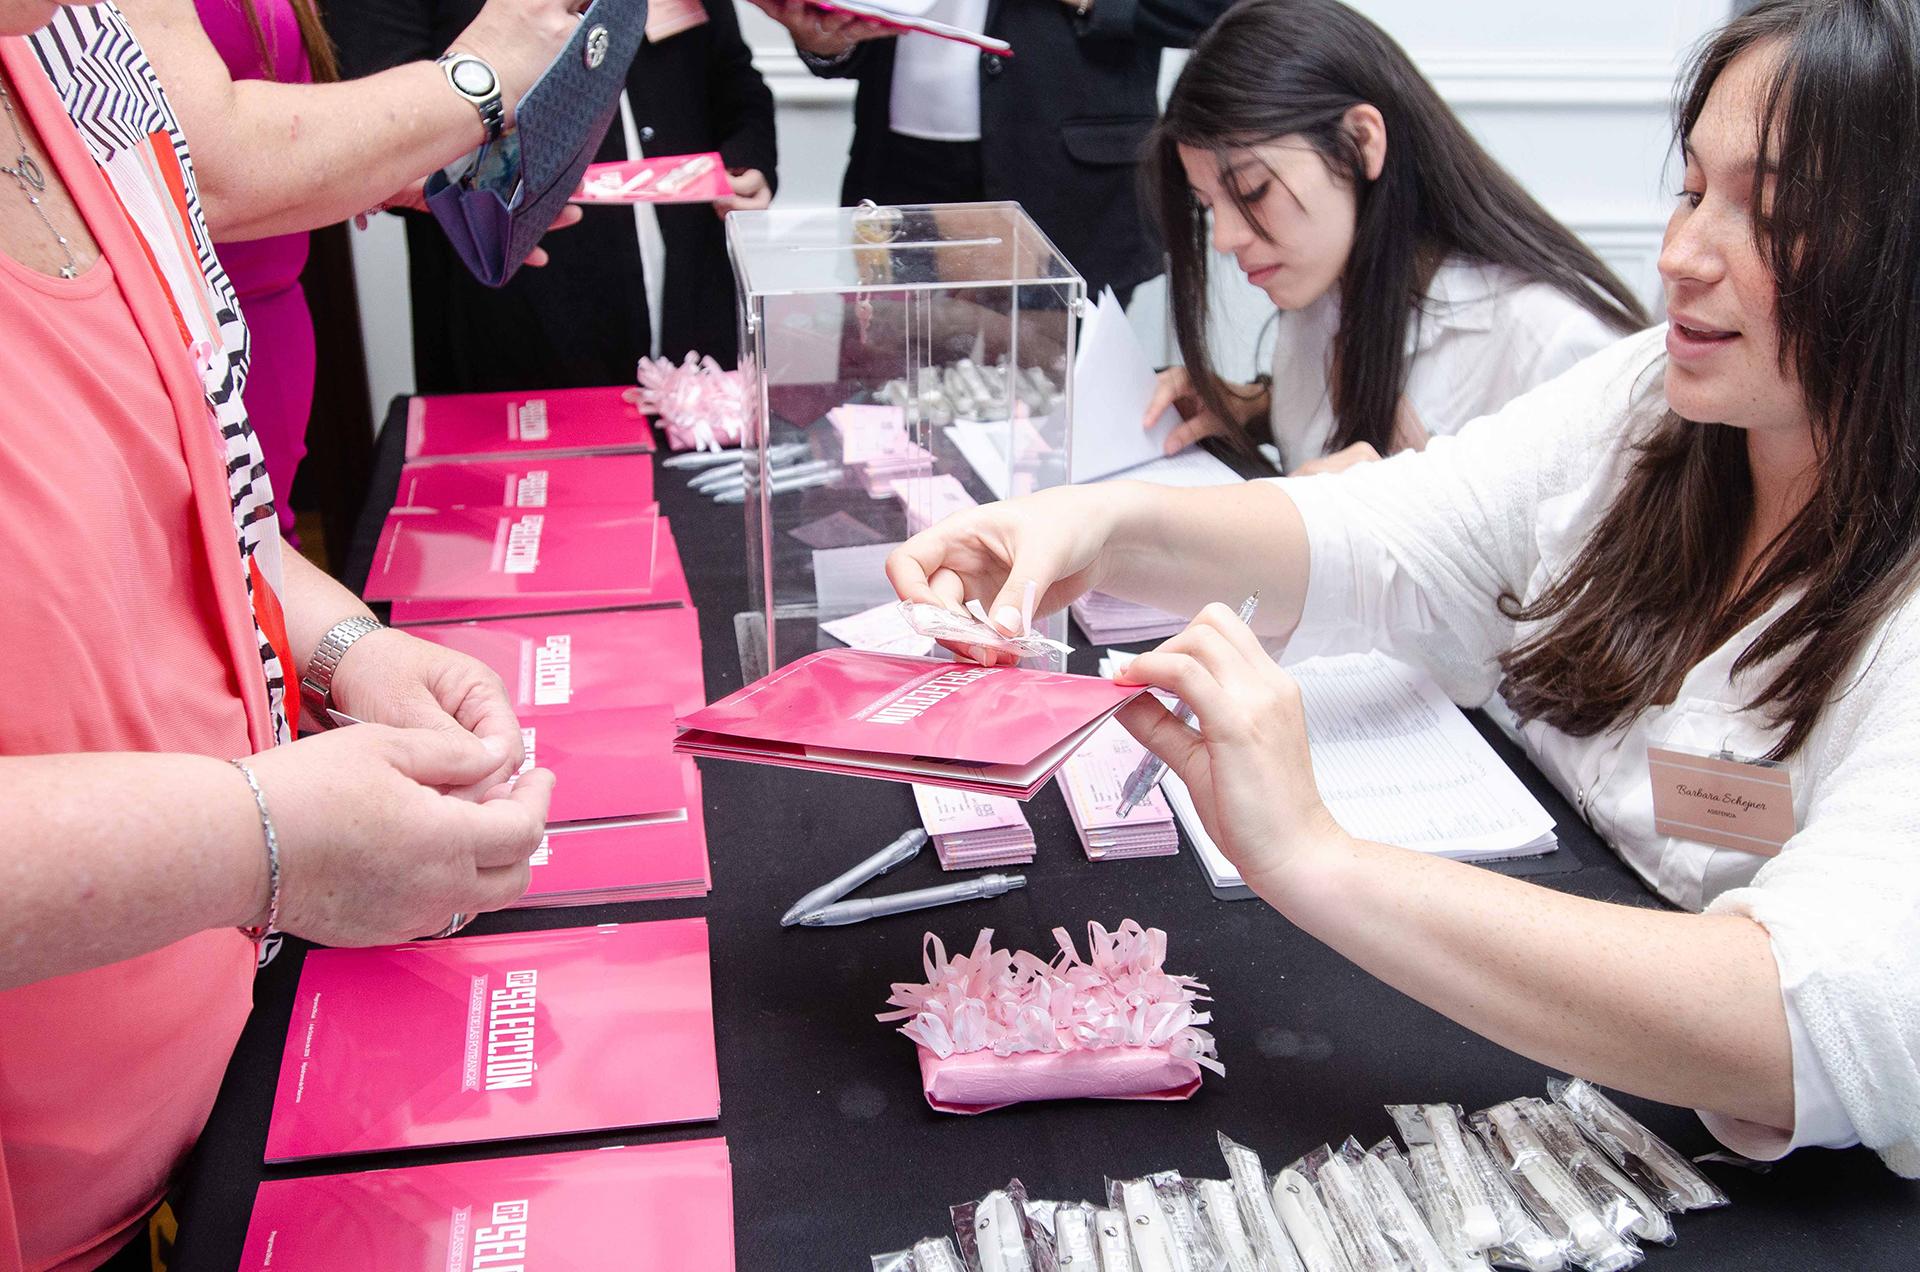 De la mano de LALCEC, la jornada se tiñó de rosa para la concientización sobre el cáncer y la importancia del diagnóstico precoz